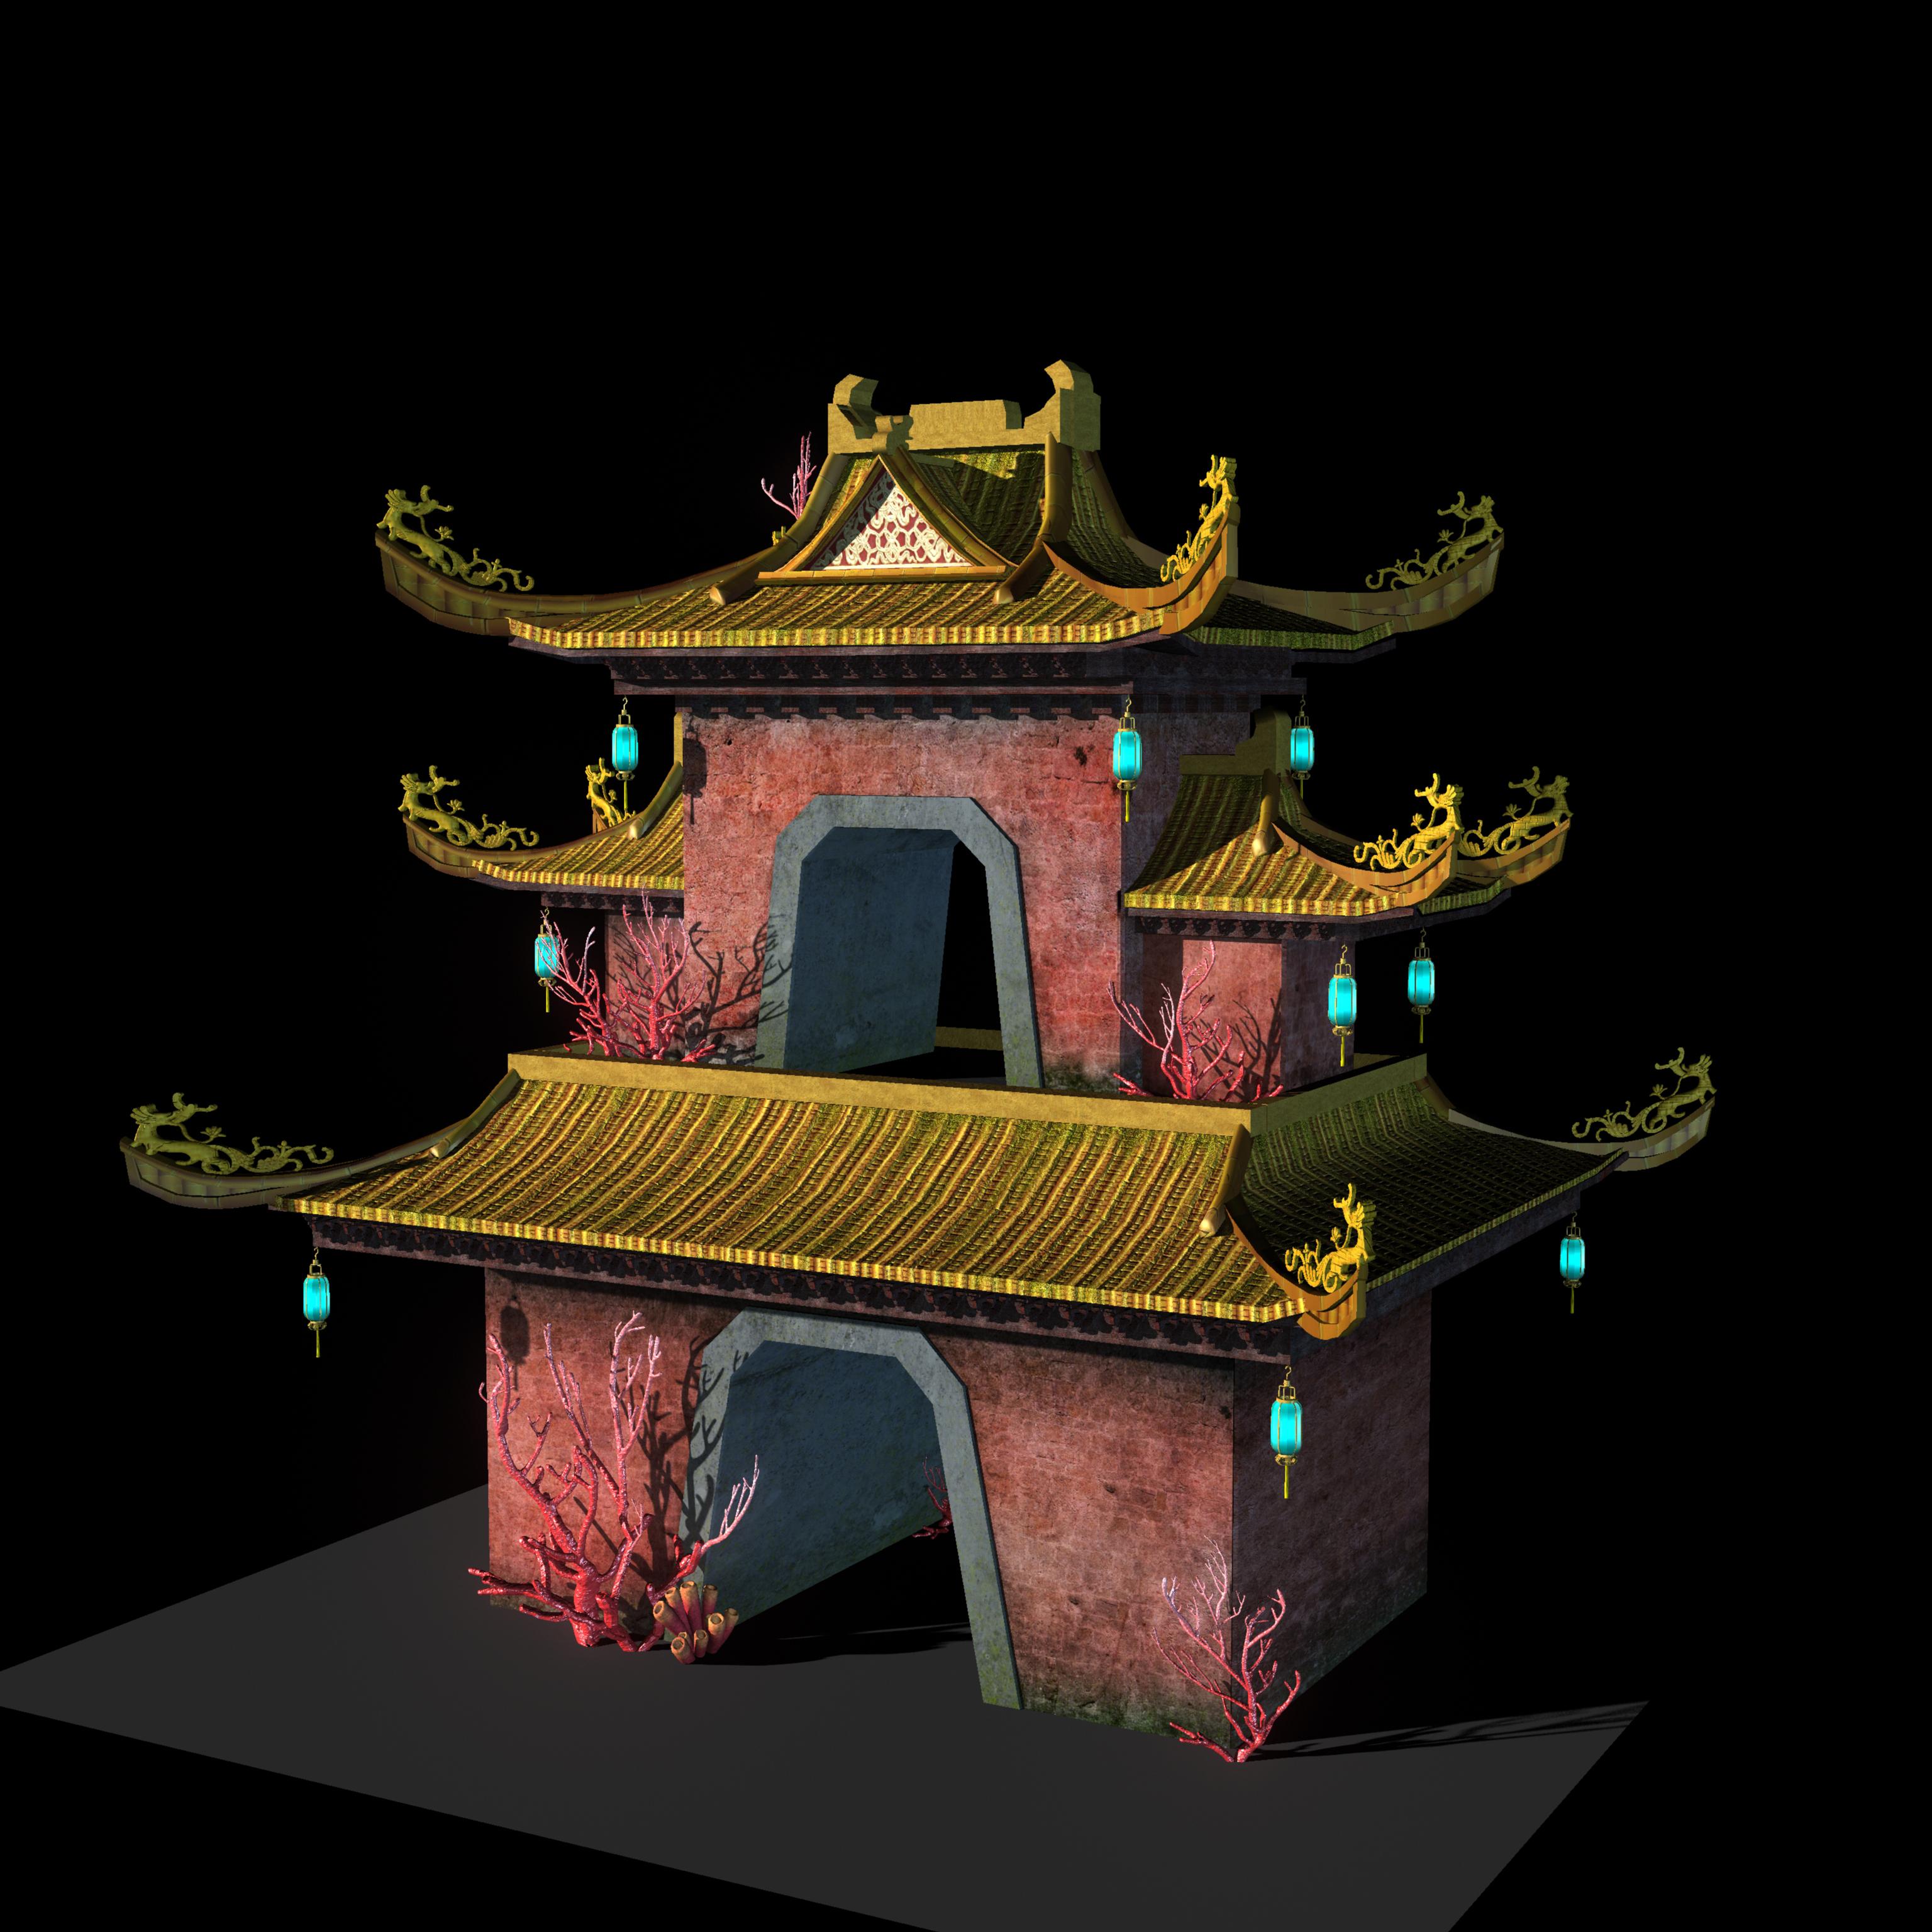 长了珊瑚的古代建筑模型3d模型下载